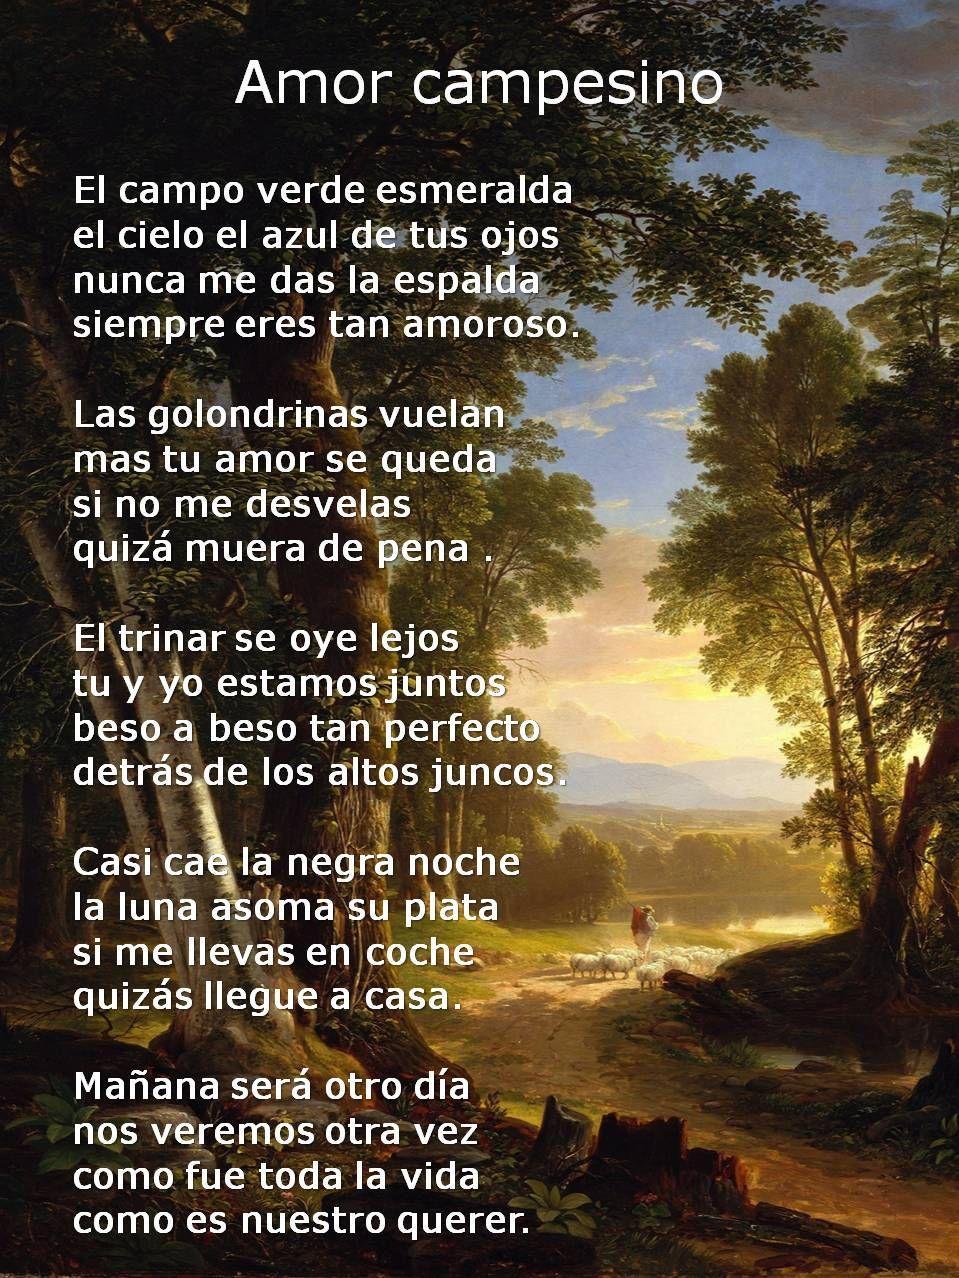 Poema Por El Dia Del Campesino Para Niños De Inicial Amor Campesino Poema De Amor Poemas Poema De Amor Campesinos